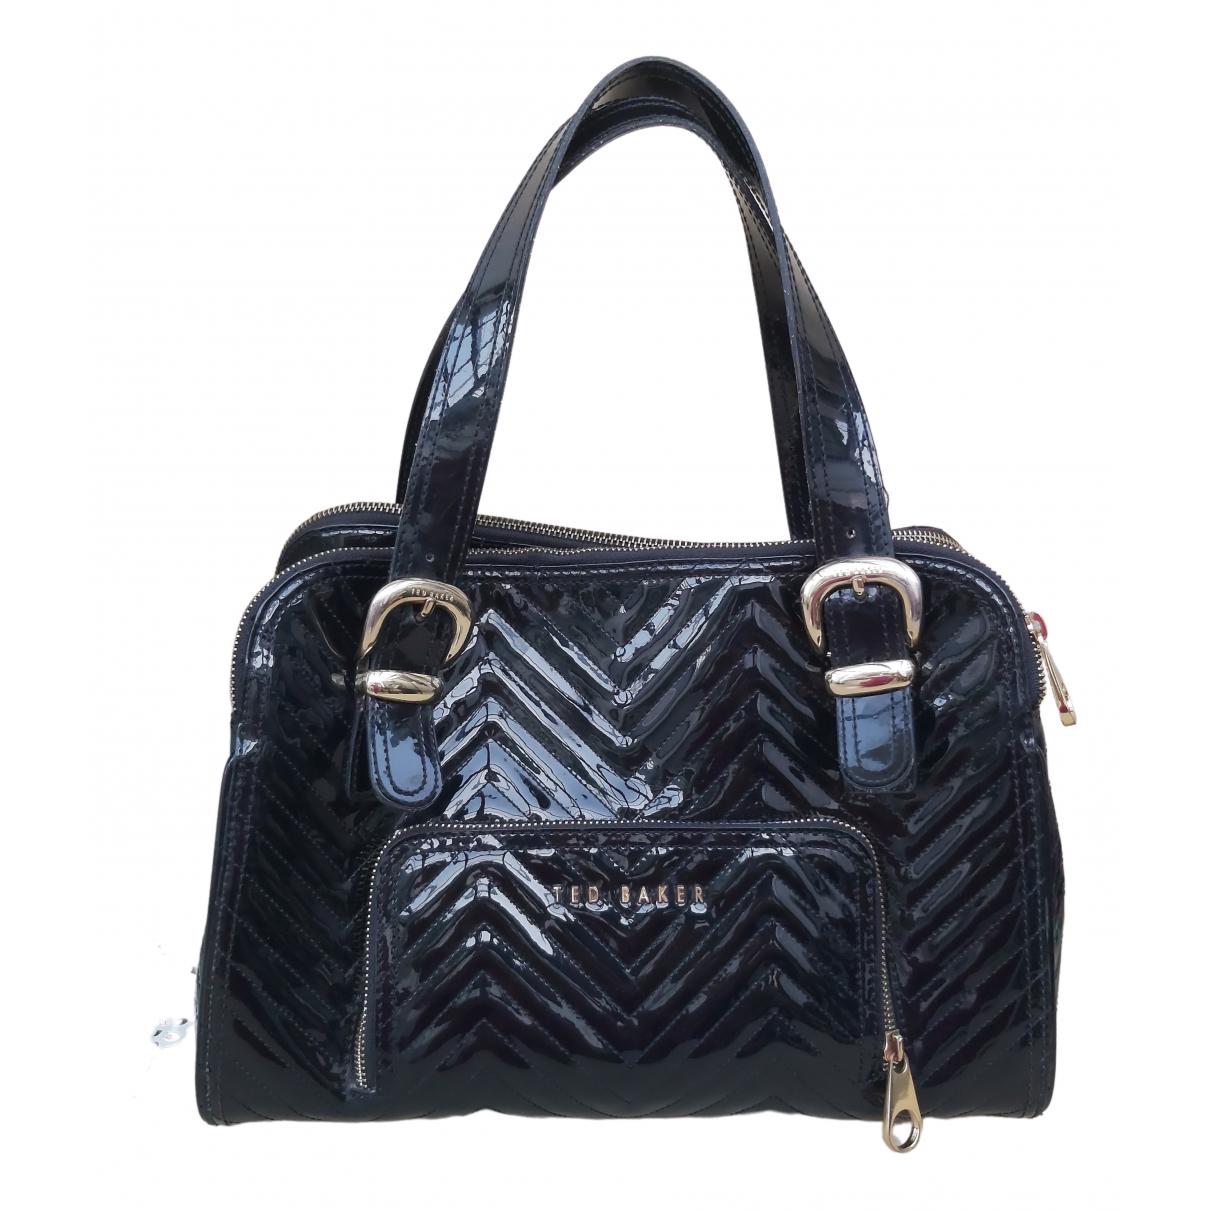 Ted Baker \N Black Patent leather handbag for Women \N